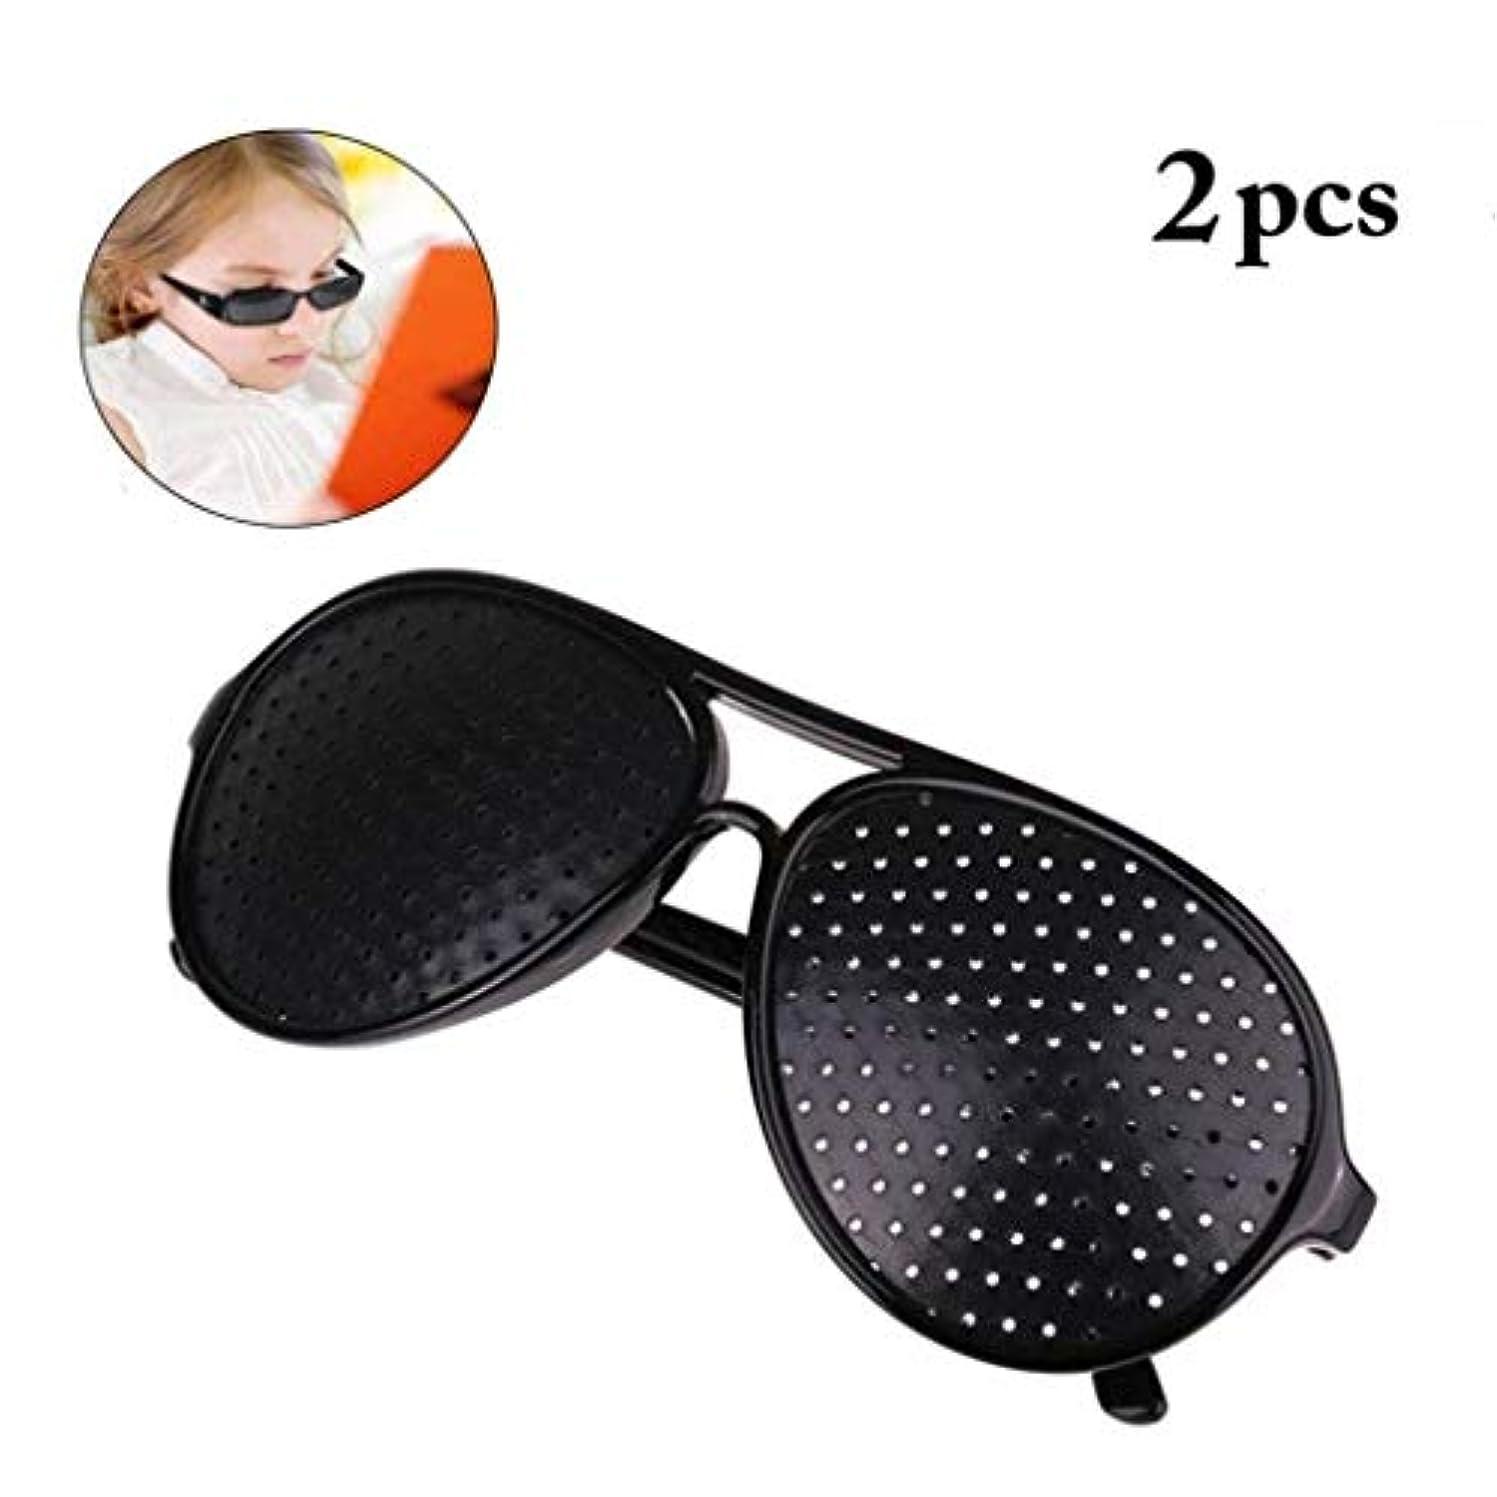 ひらめきルール微生物ピンホールメガネ、視力矯正メガネ網状視力保護メガネ耐疲労性メガネ近視の防止メガネの改善